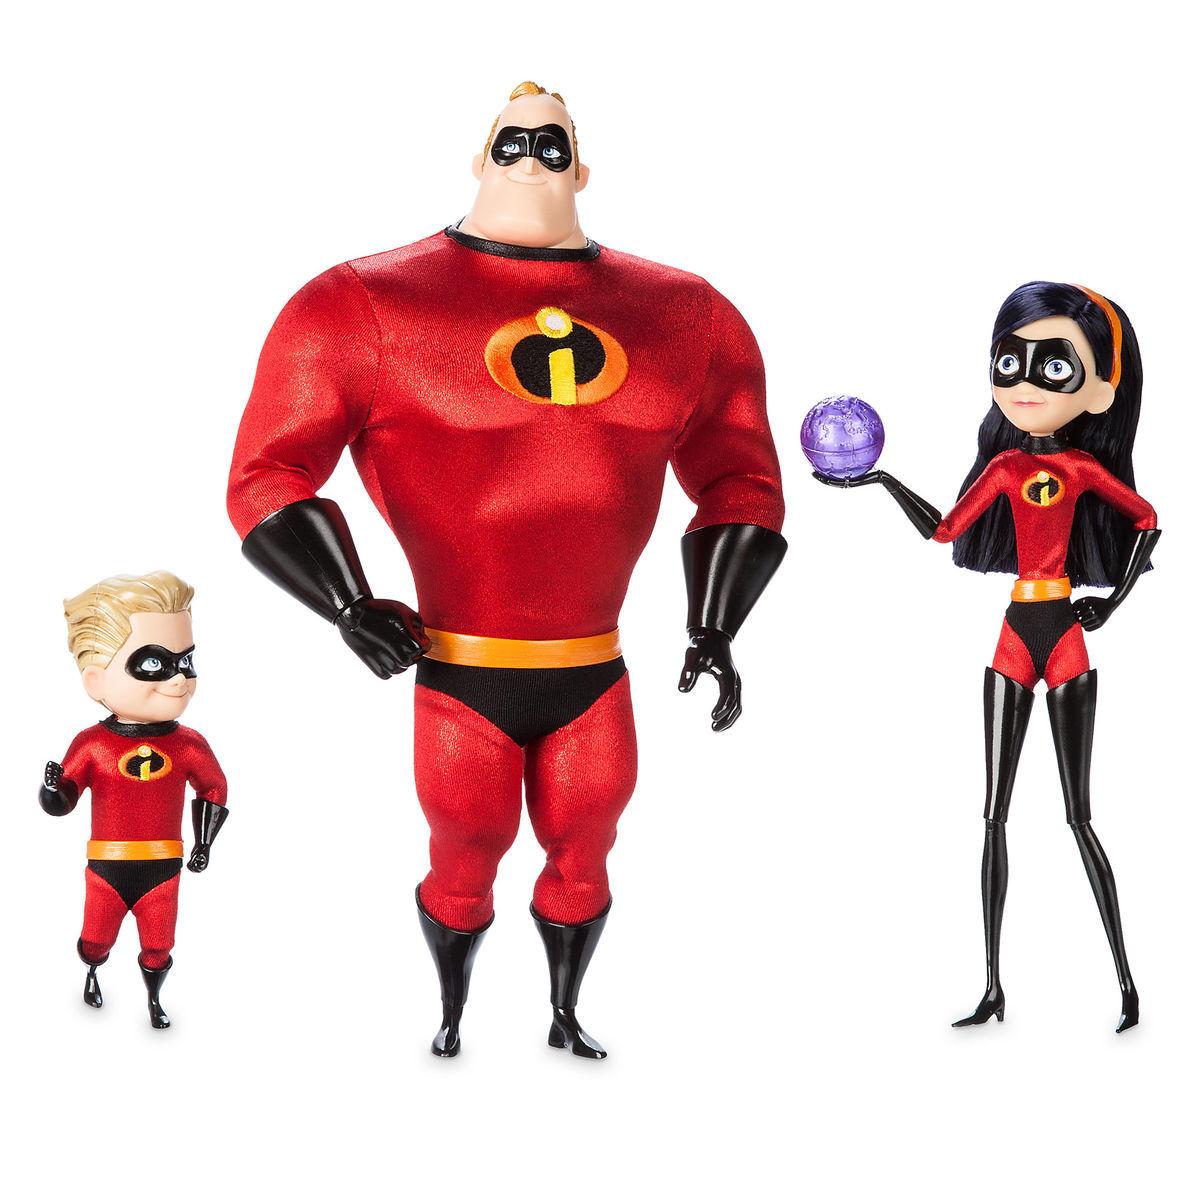 Mr Incredible Violet And Dash Designer Doll Set Out Now Diskingdom Com Disney Marvel Star Wars Merchandise News